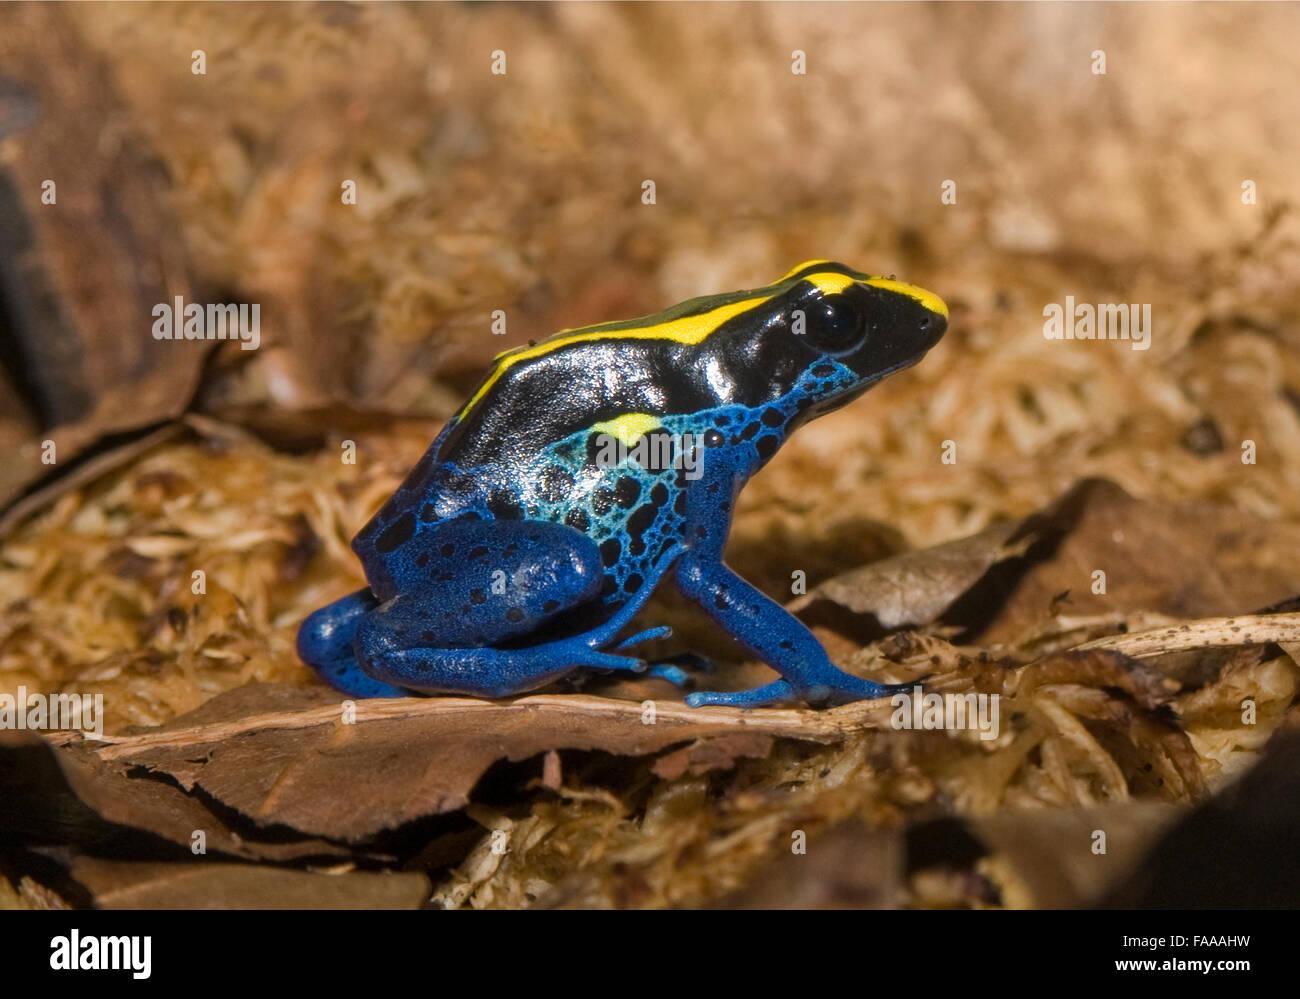 Poison dart frog, dendrobates tinctorius. Une petite grenouille originaire d'Amérique du Sud. connue pour Photo Stock